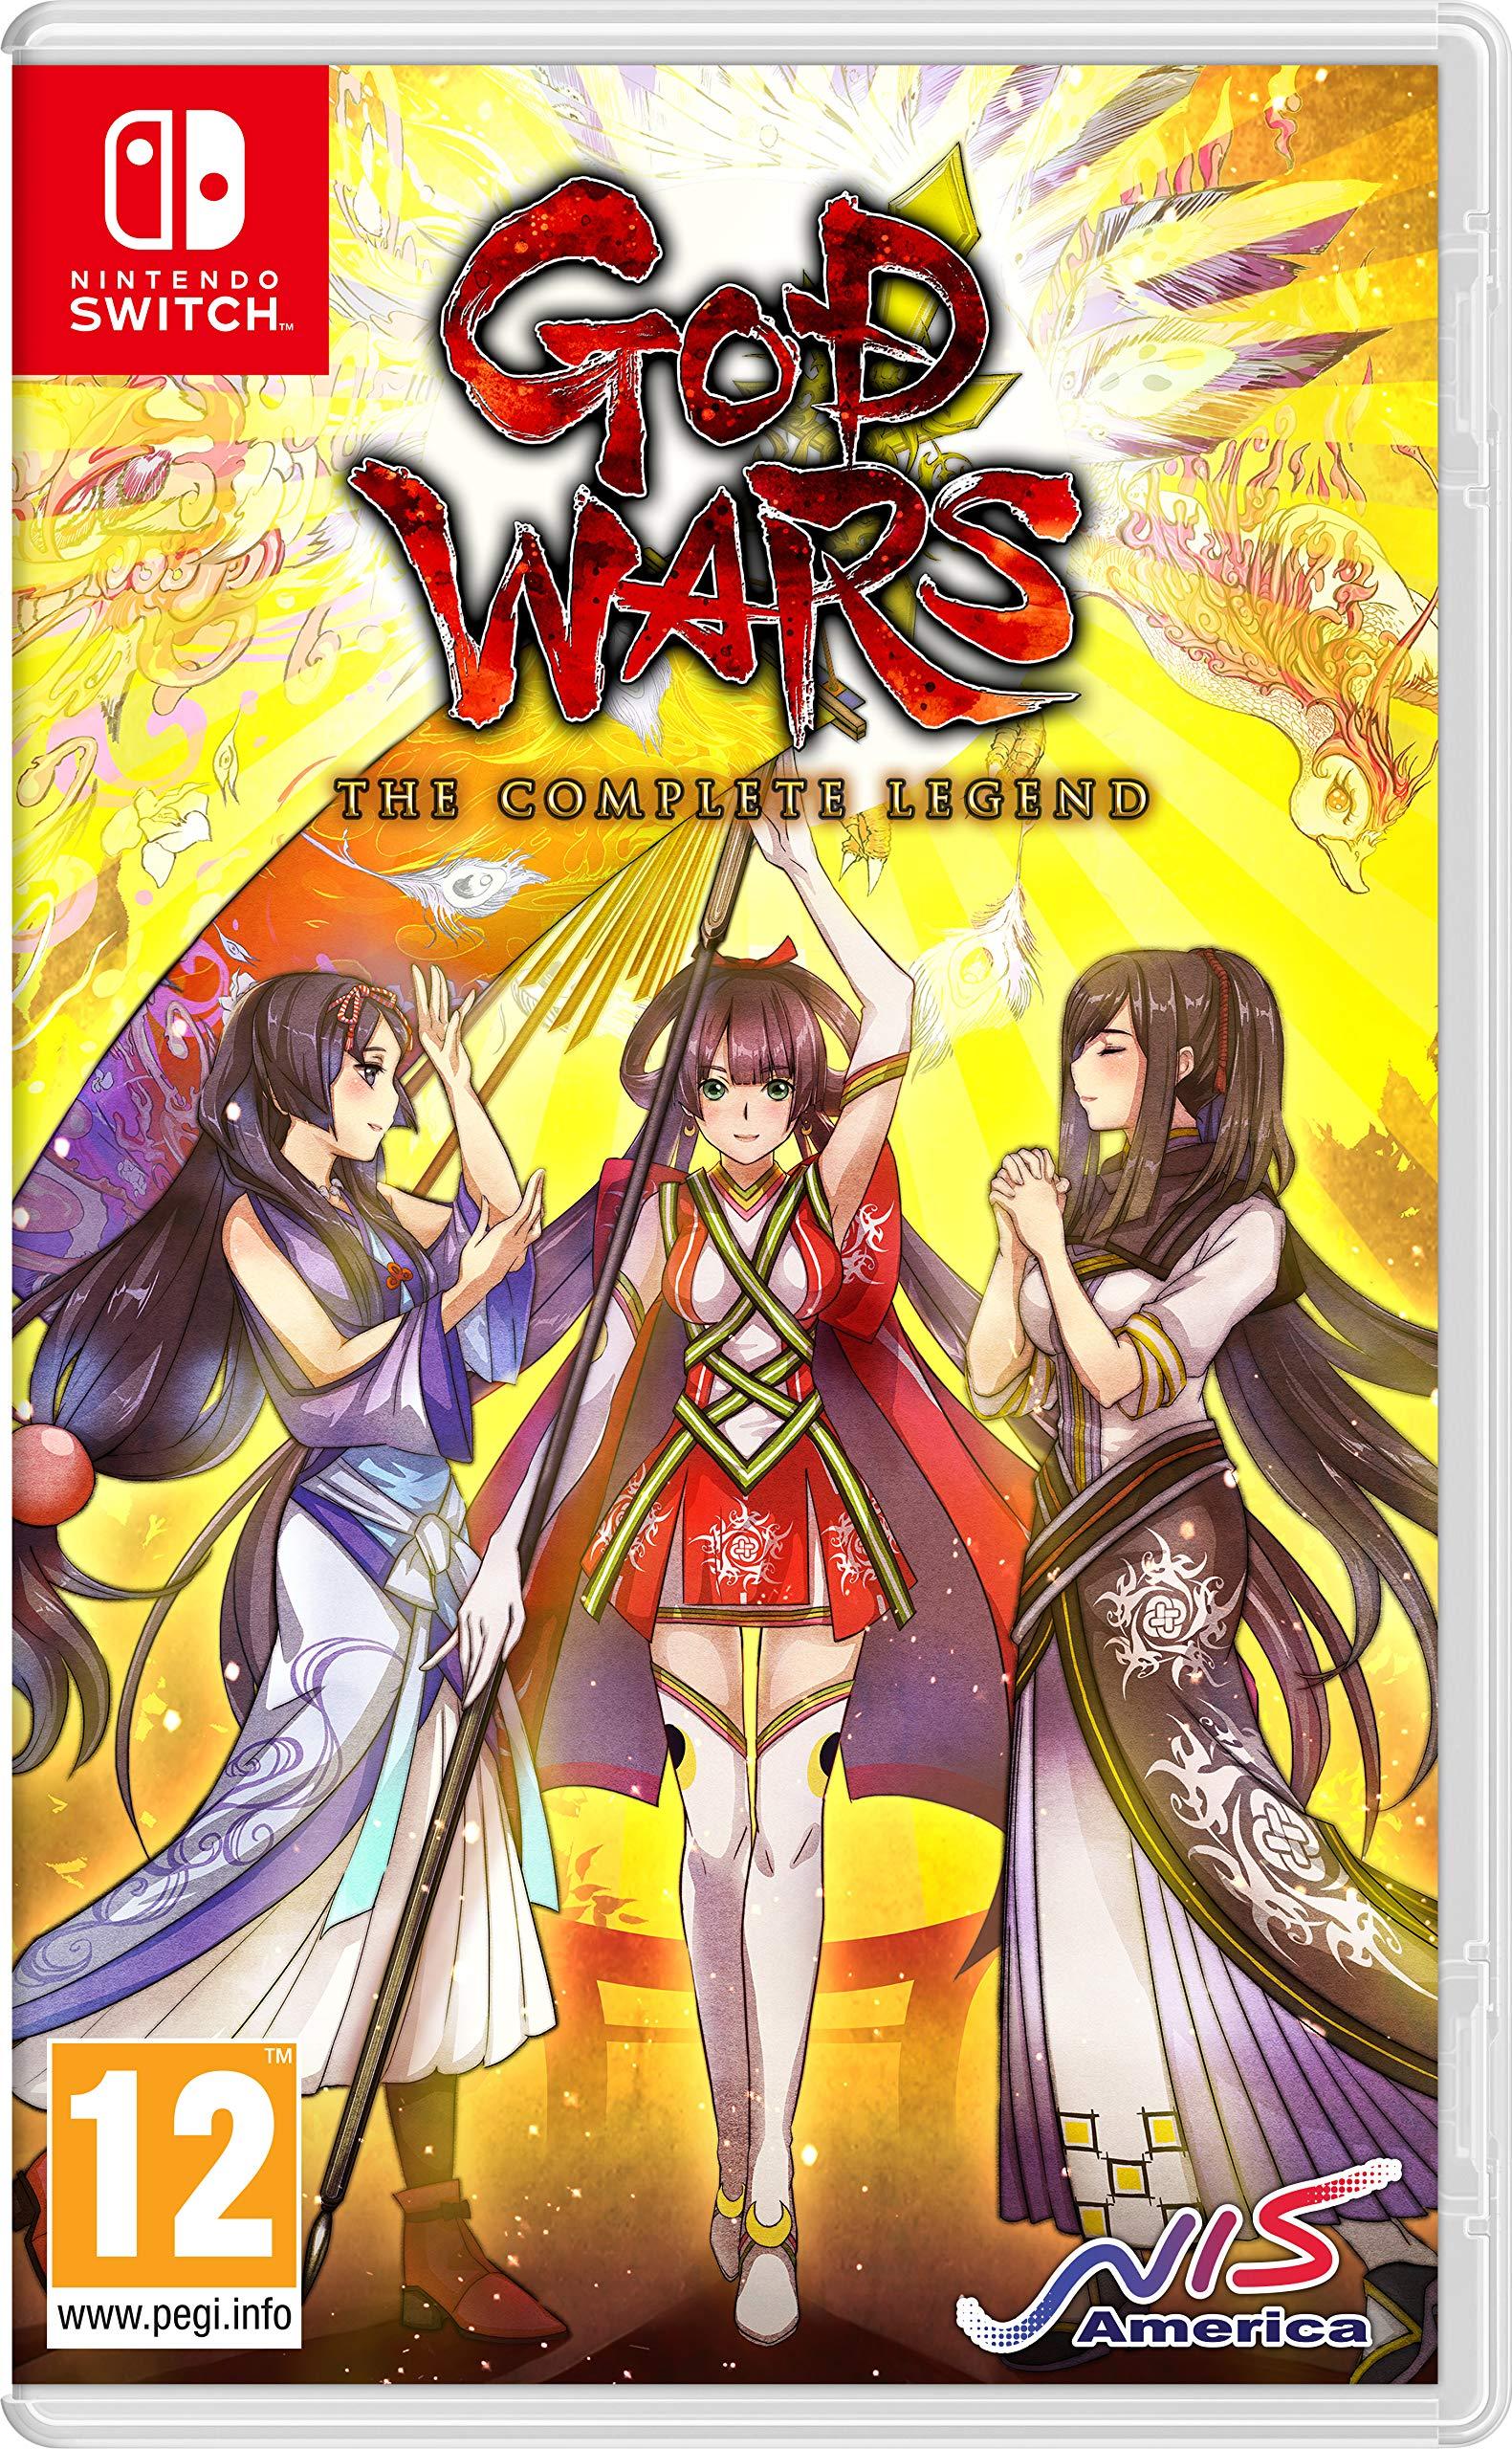 GOD WARS the Complete Legend (Import)